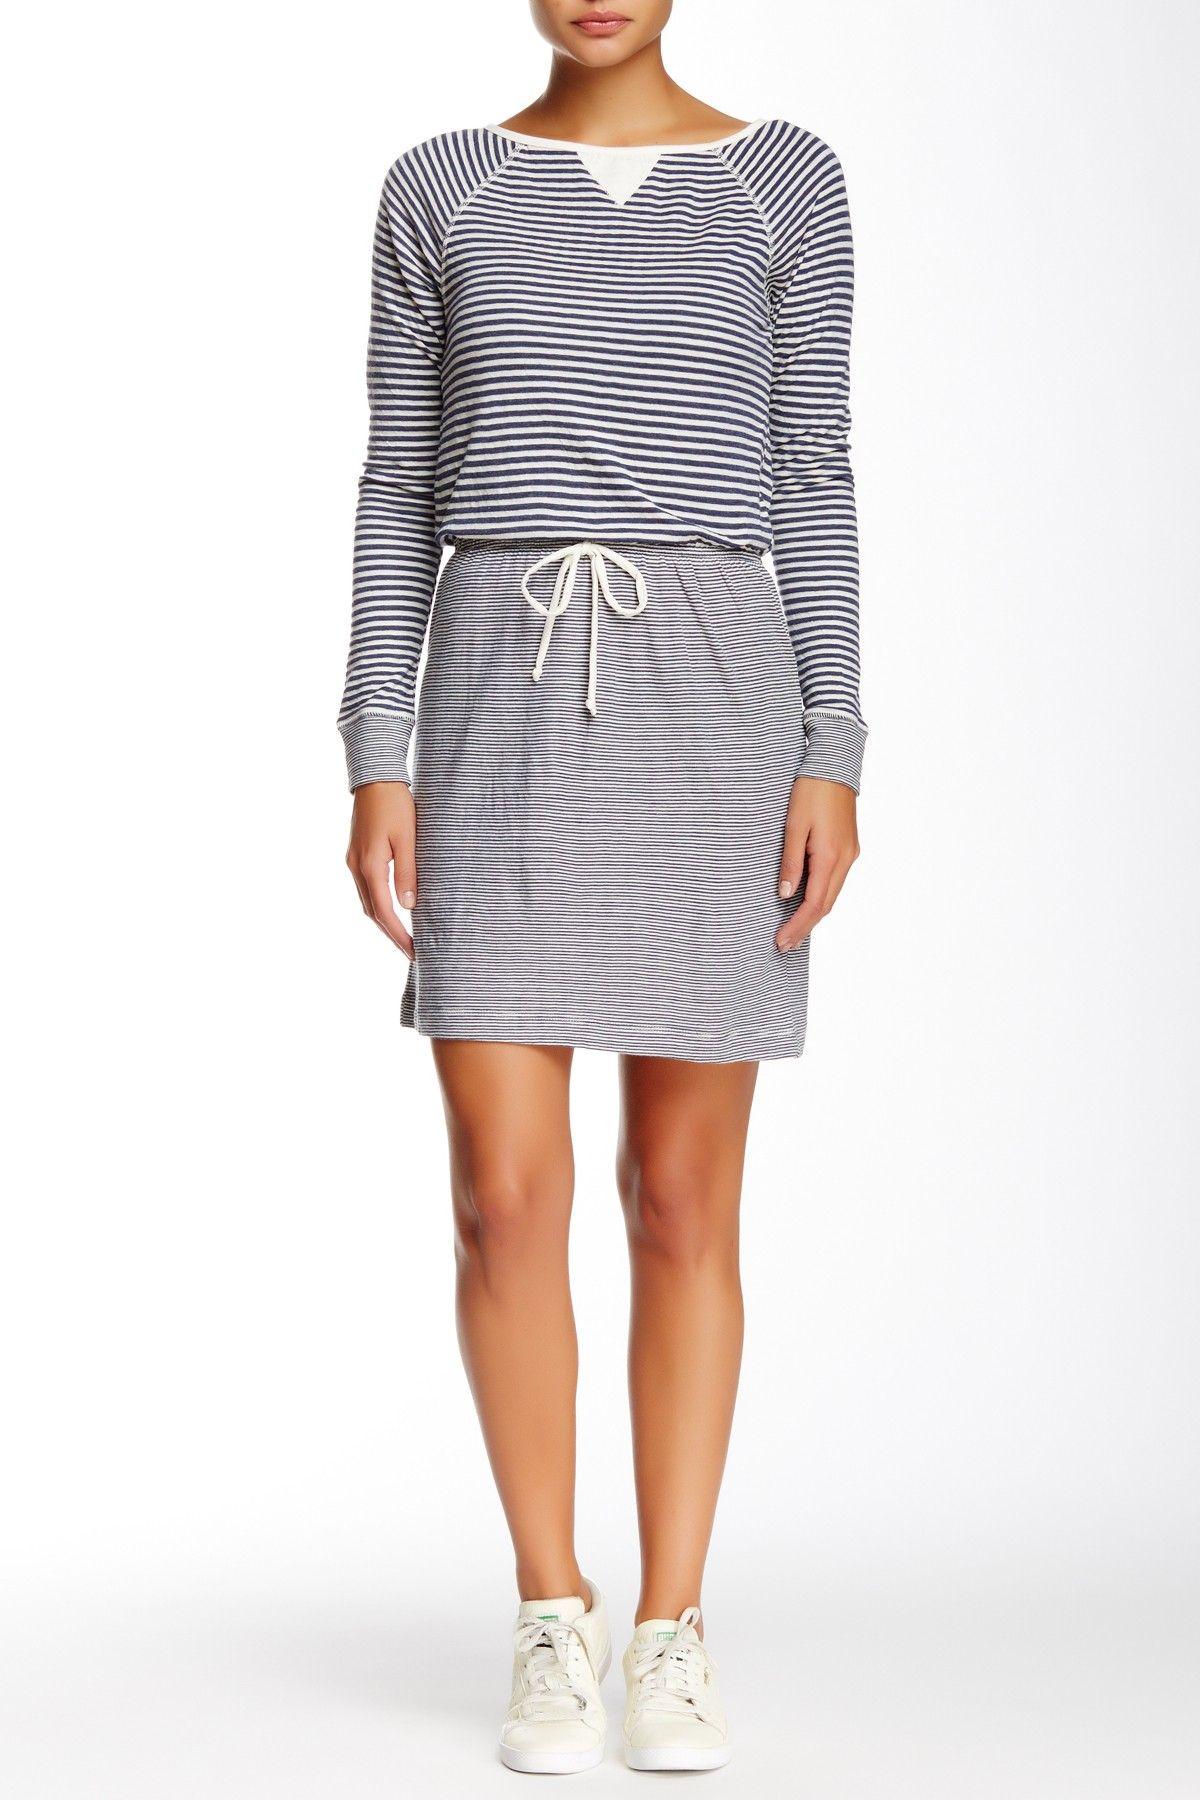 Morah Tunic Dress by Tart on @nordstrom_rack